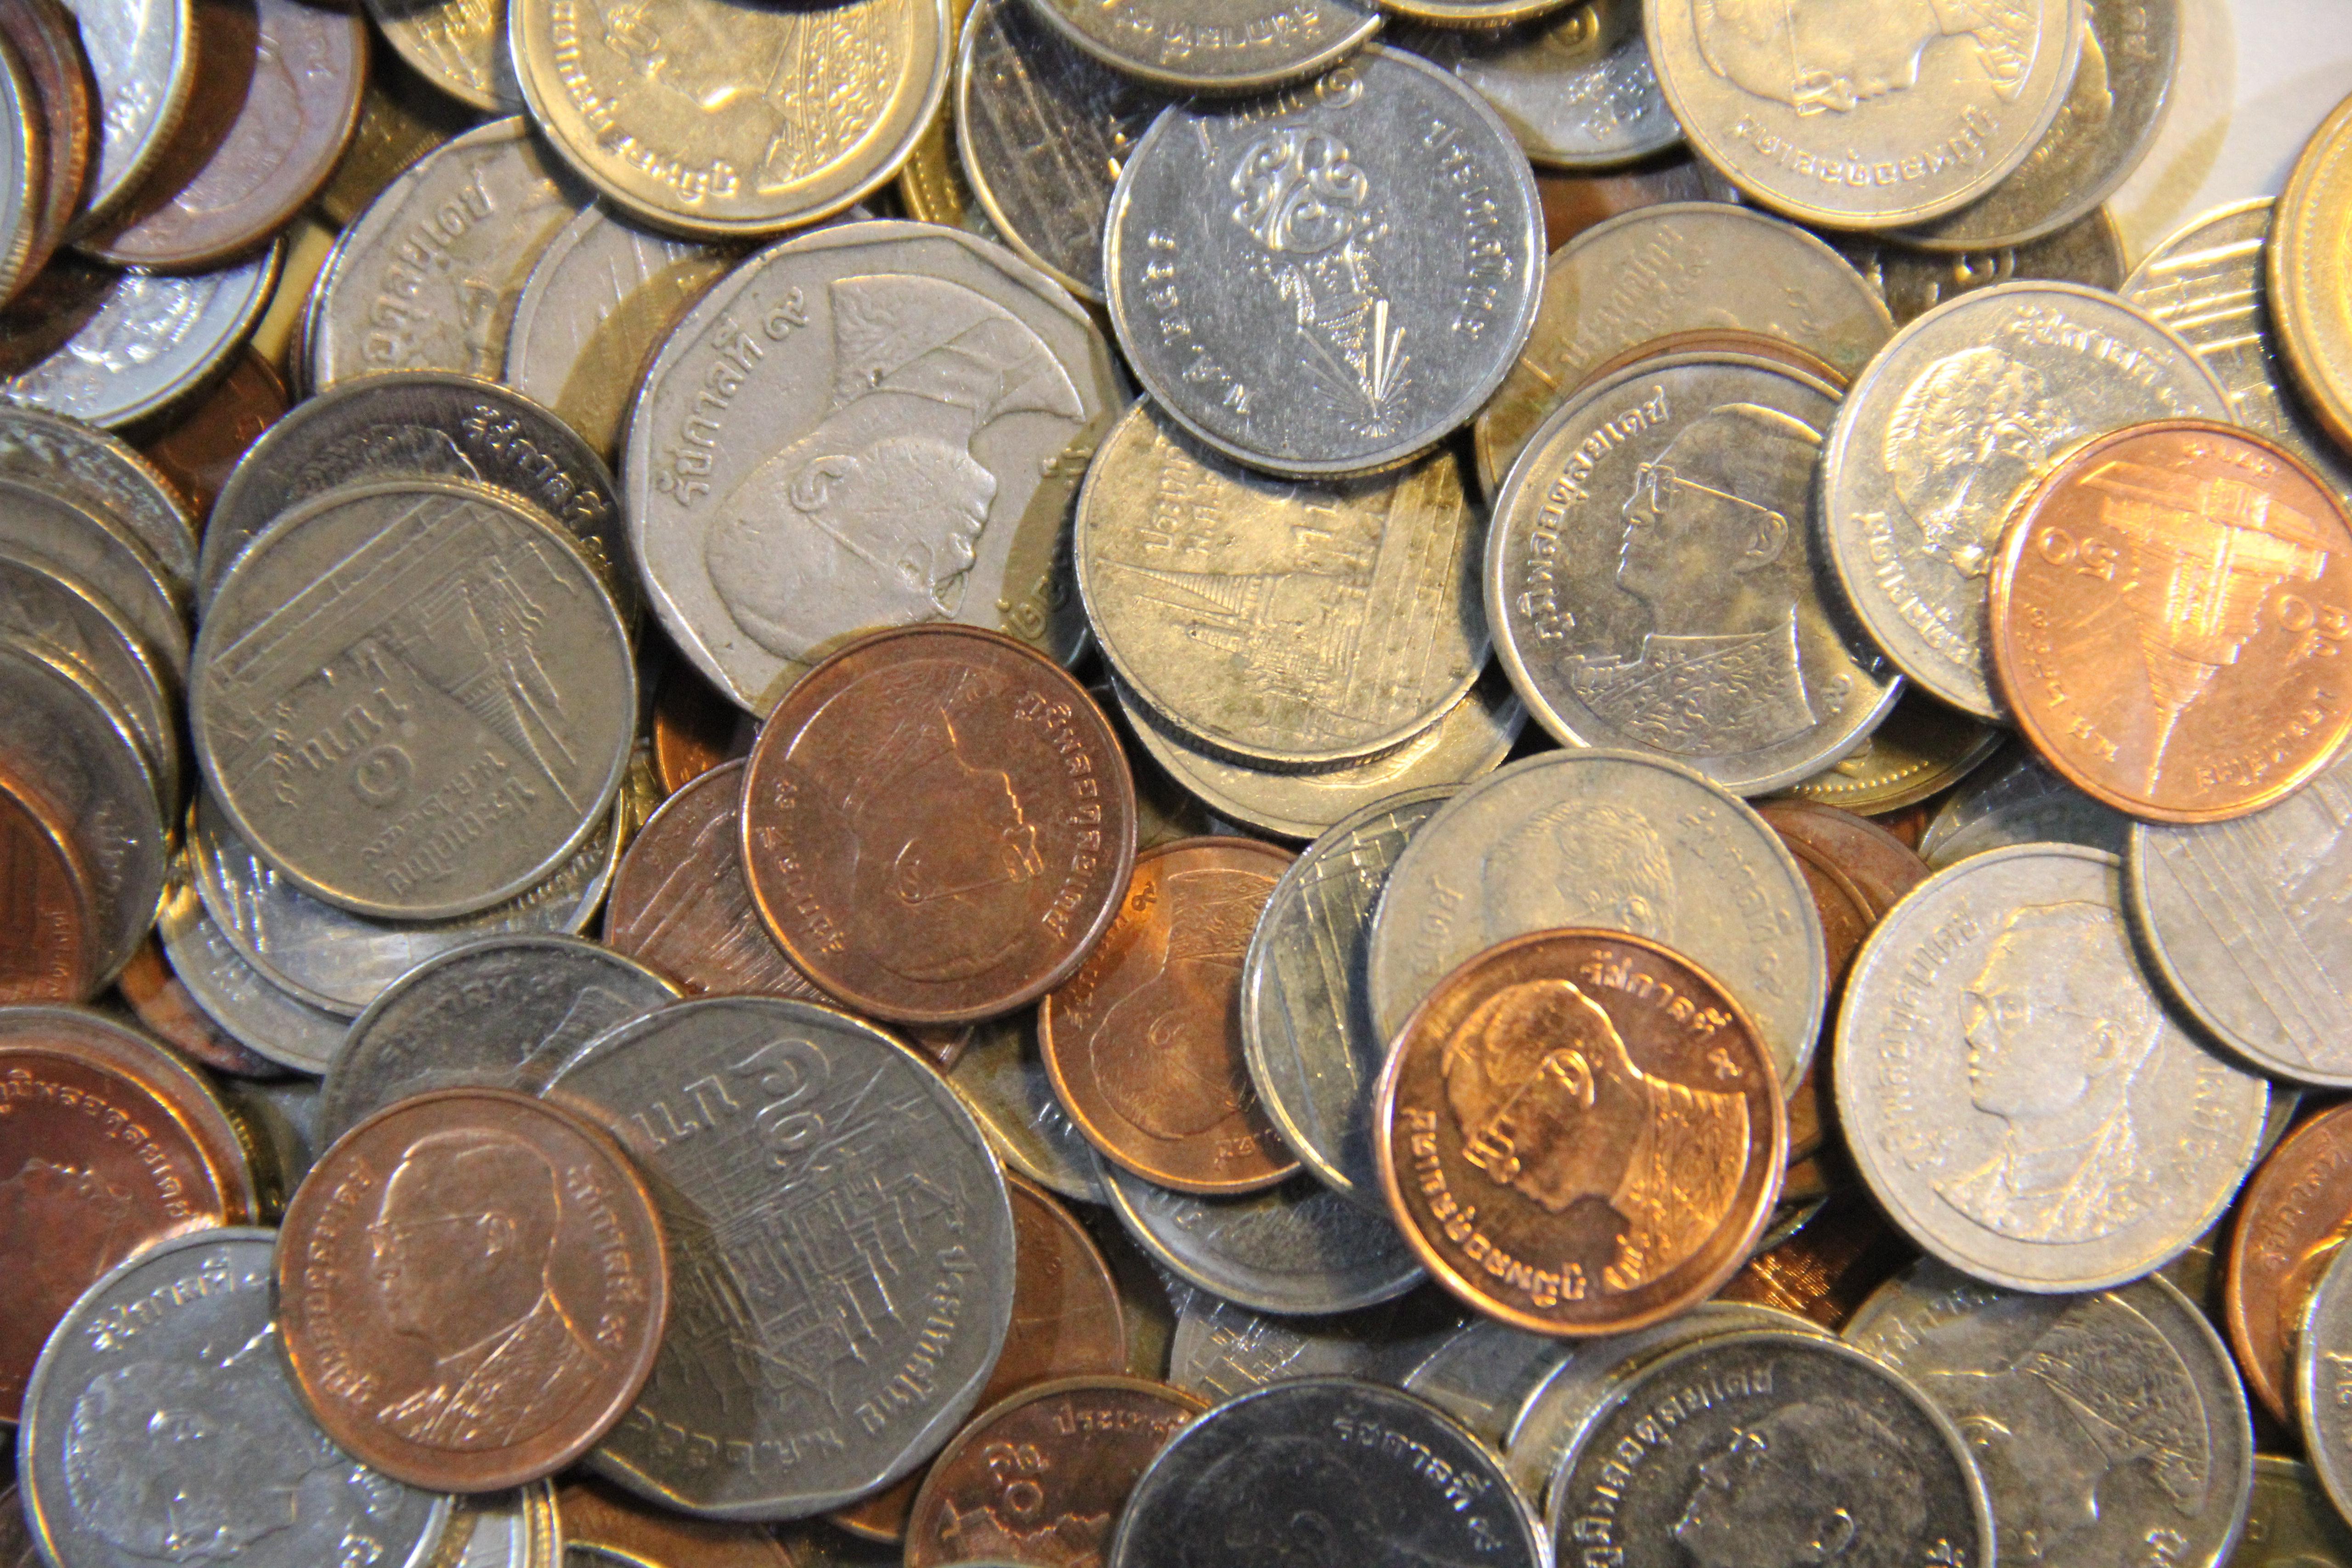 คาดการณ์เศรษฐกิจไตรมาสสองทรุดหนัก เงินบาทอ่อน เร่งพักหนี้และกู้เงินกระตุ้นปรับโครงสร้าง